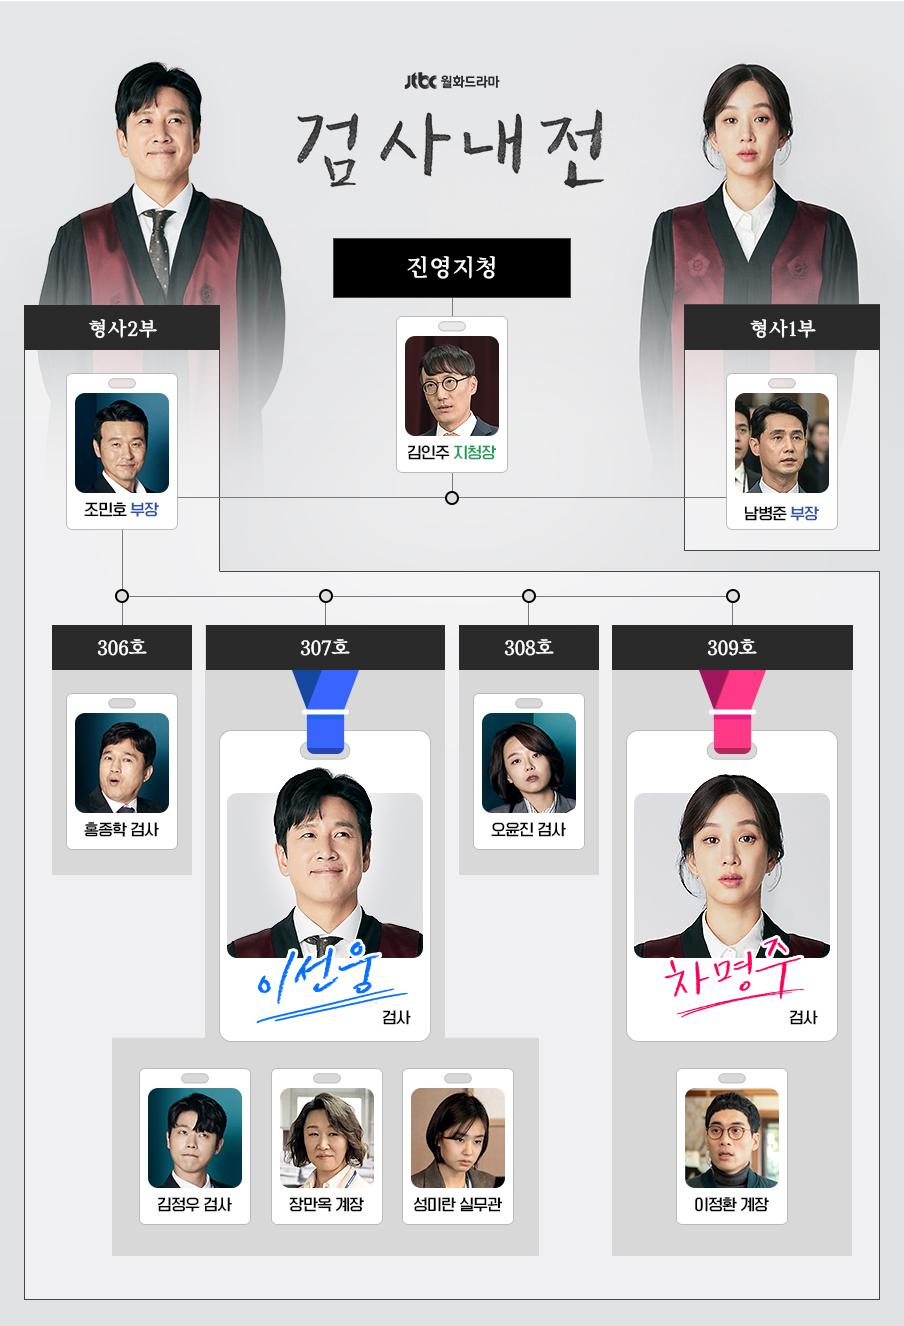 첫방 D-6 드라마 '검사내전', 정려원-이선균 진영지청 인물관계도 공개로 기대 UP